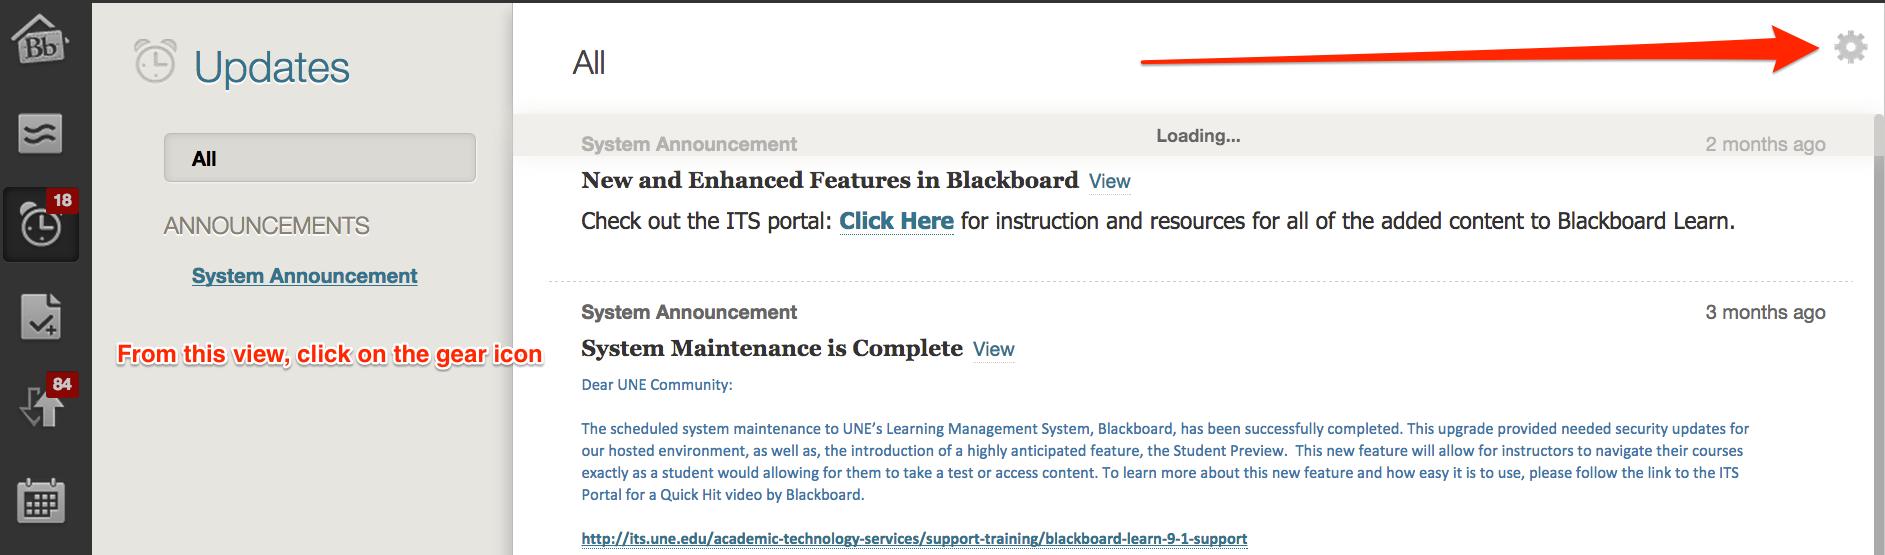 My Blackboard Content – Blackboard Learn